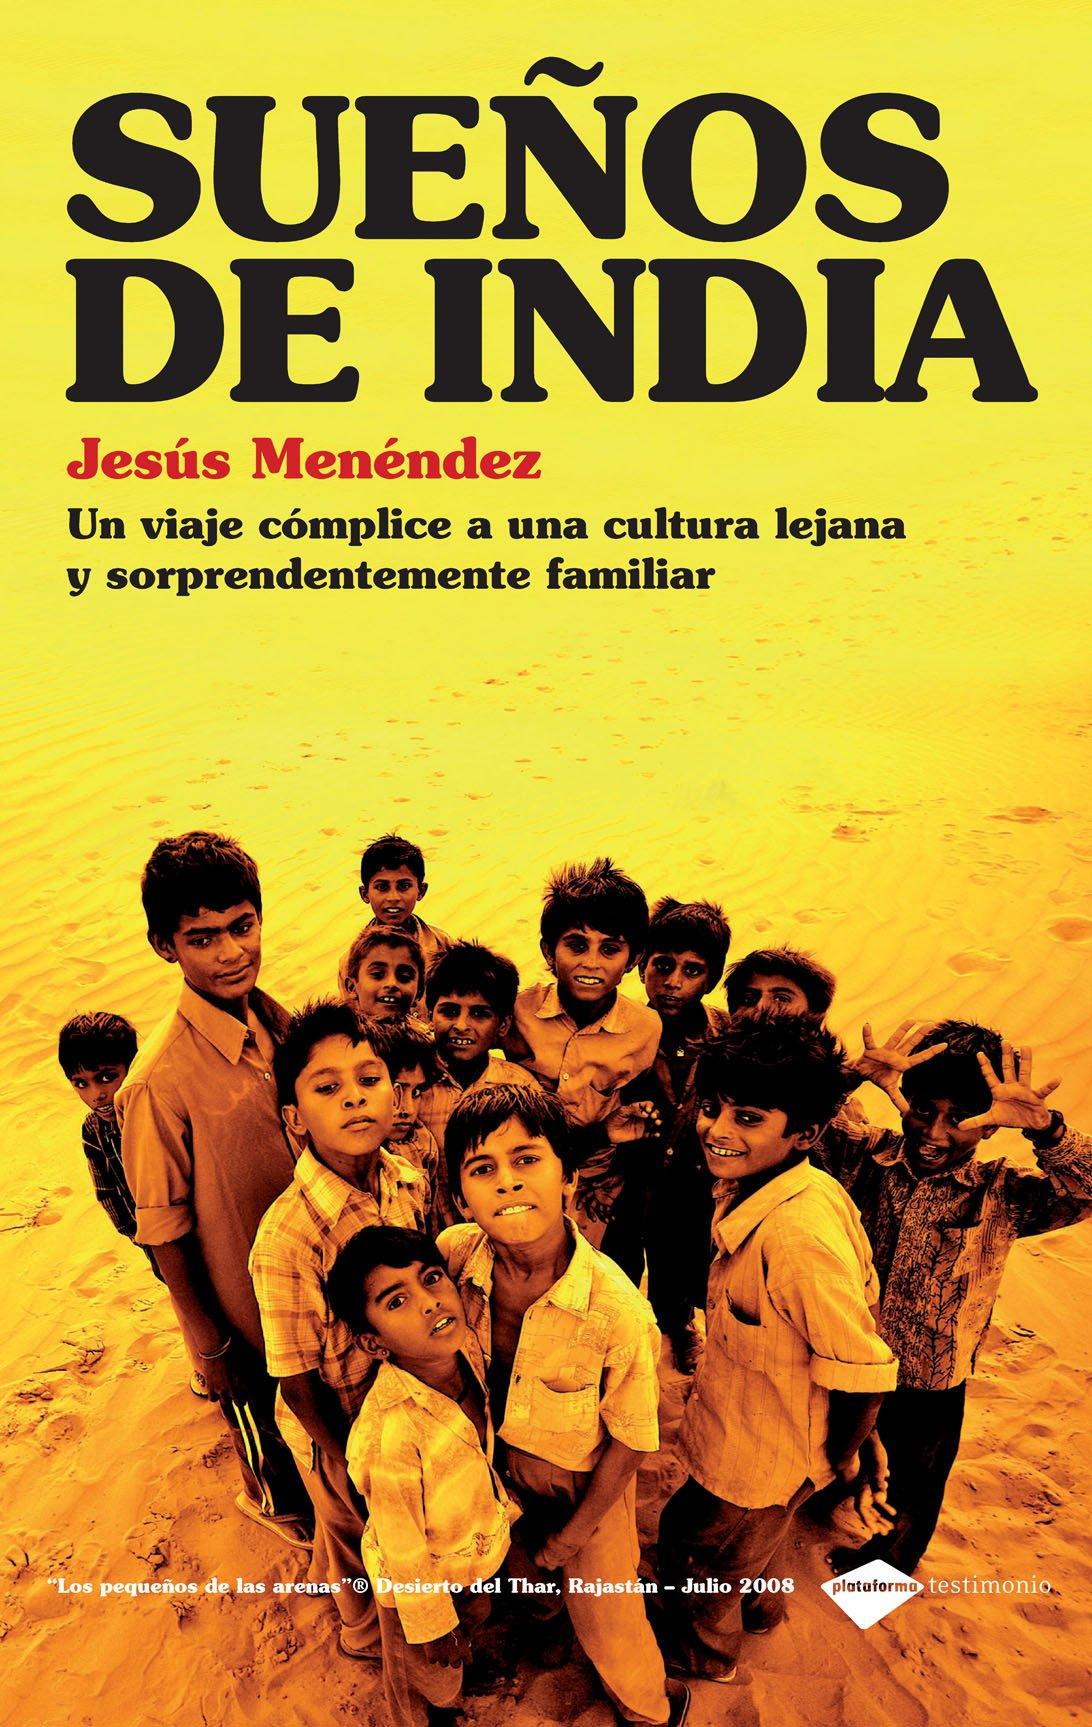 Portada del libro Sueños de India